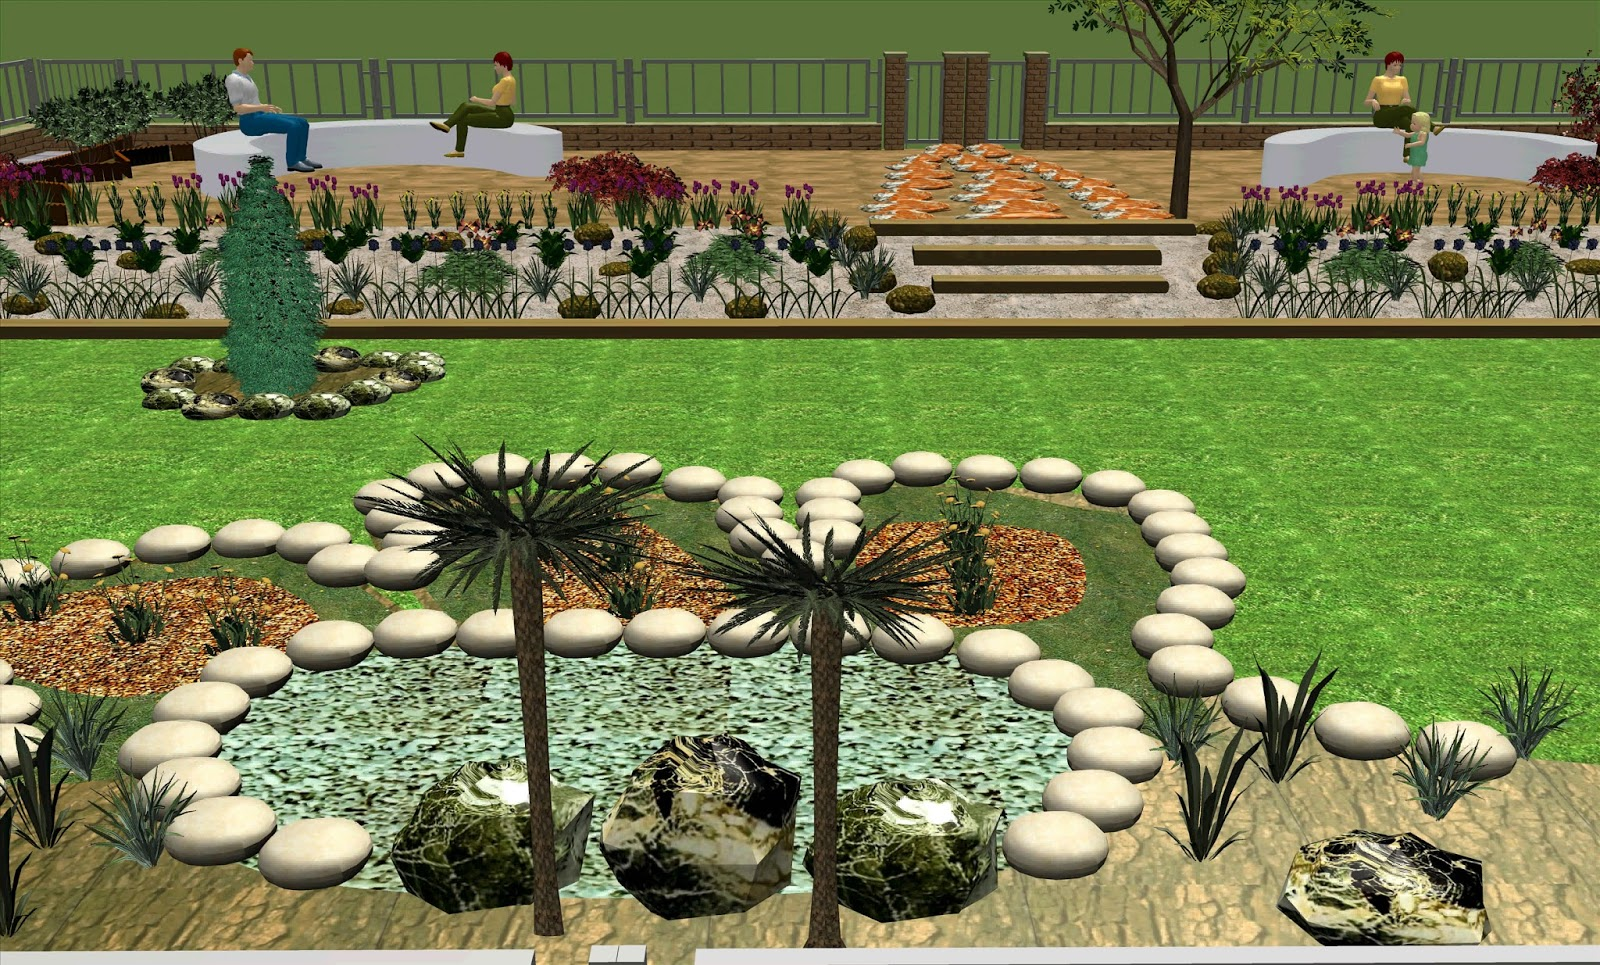 Arte y jardiner a contratar a un dise ador de jardines for Budas grandes para jardin